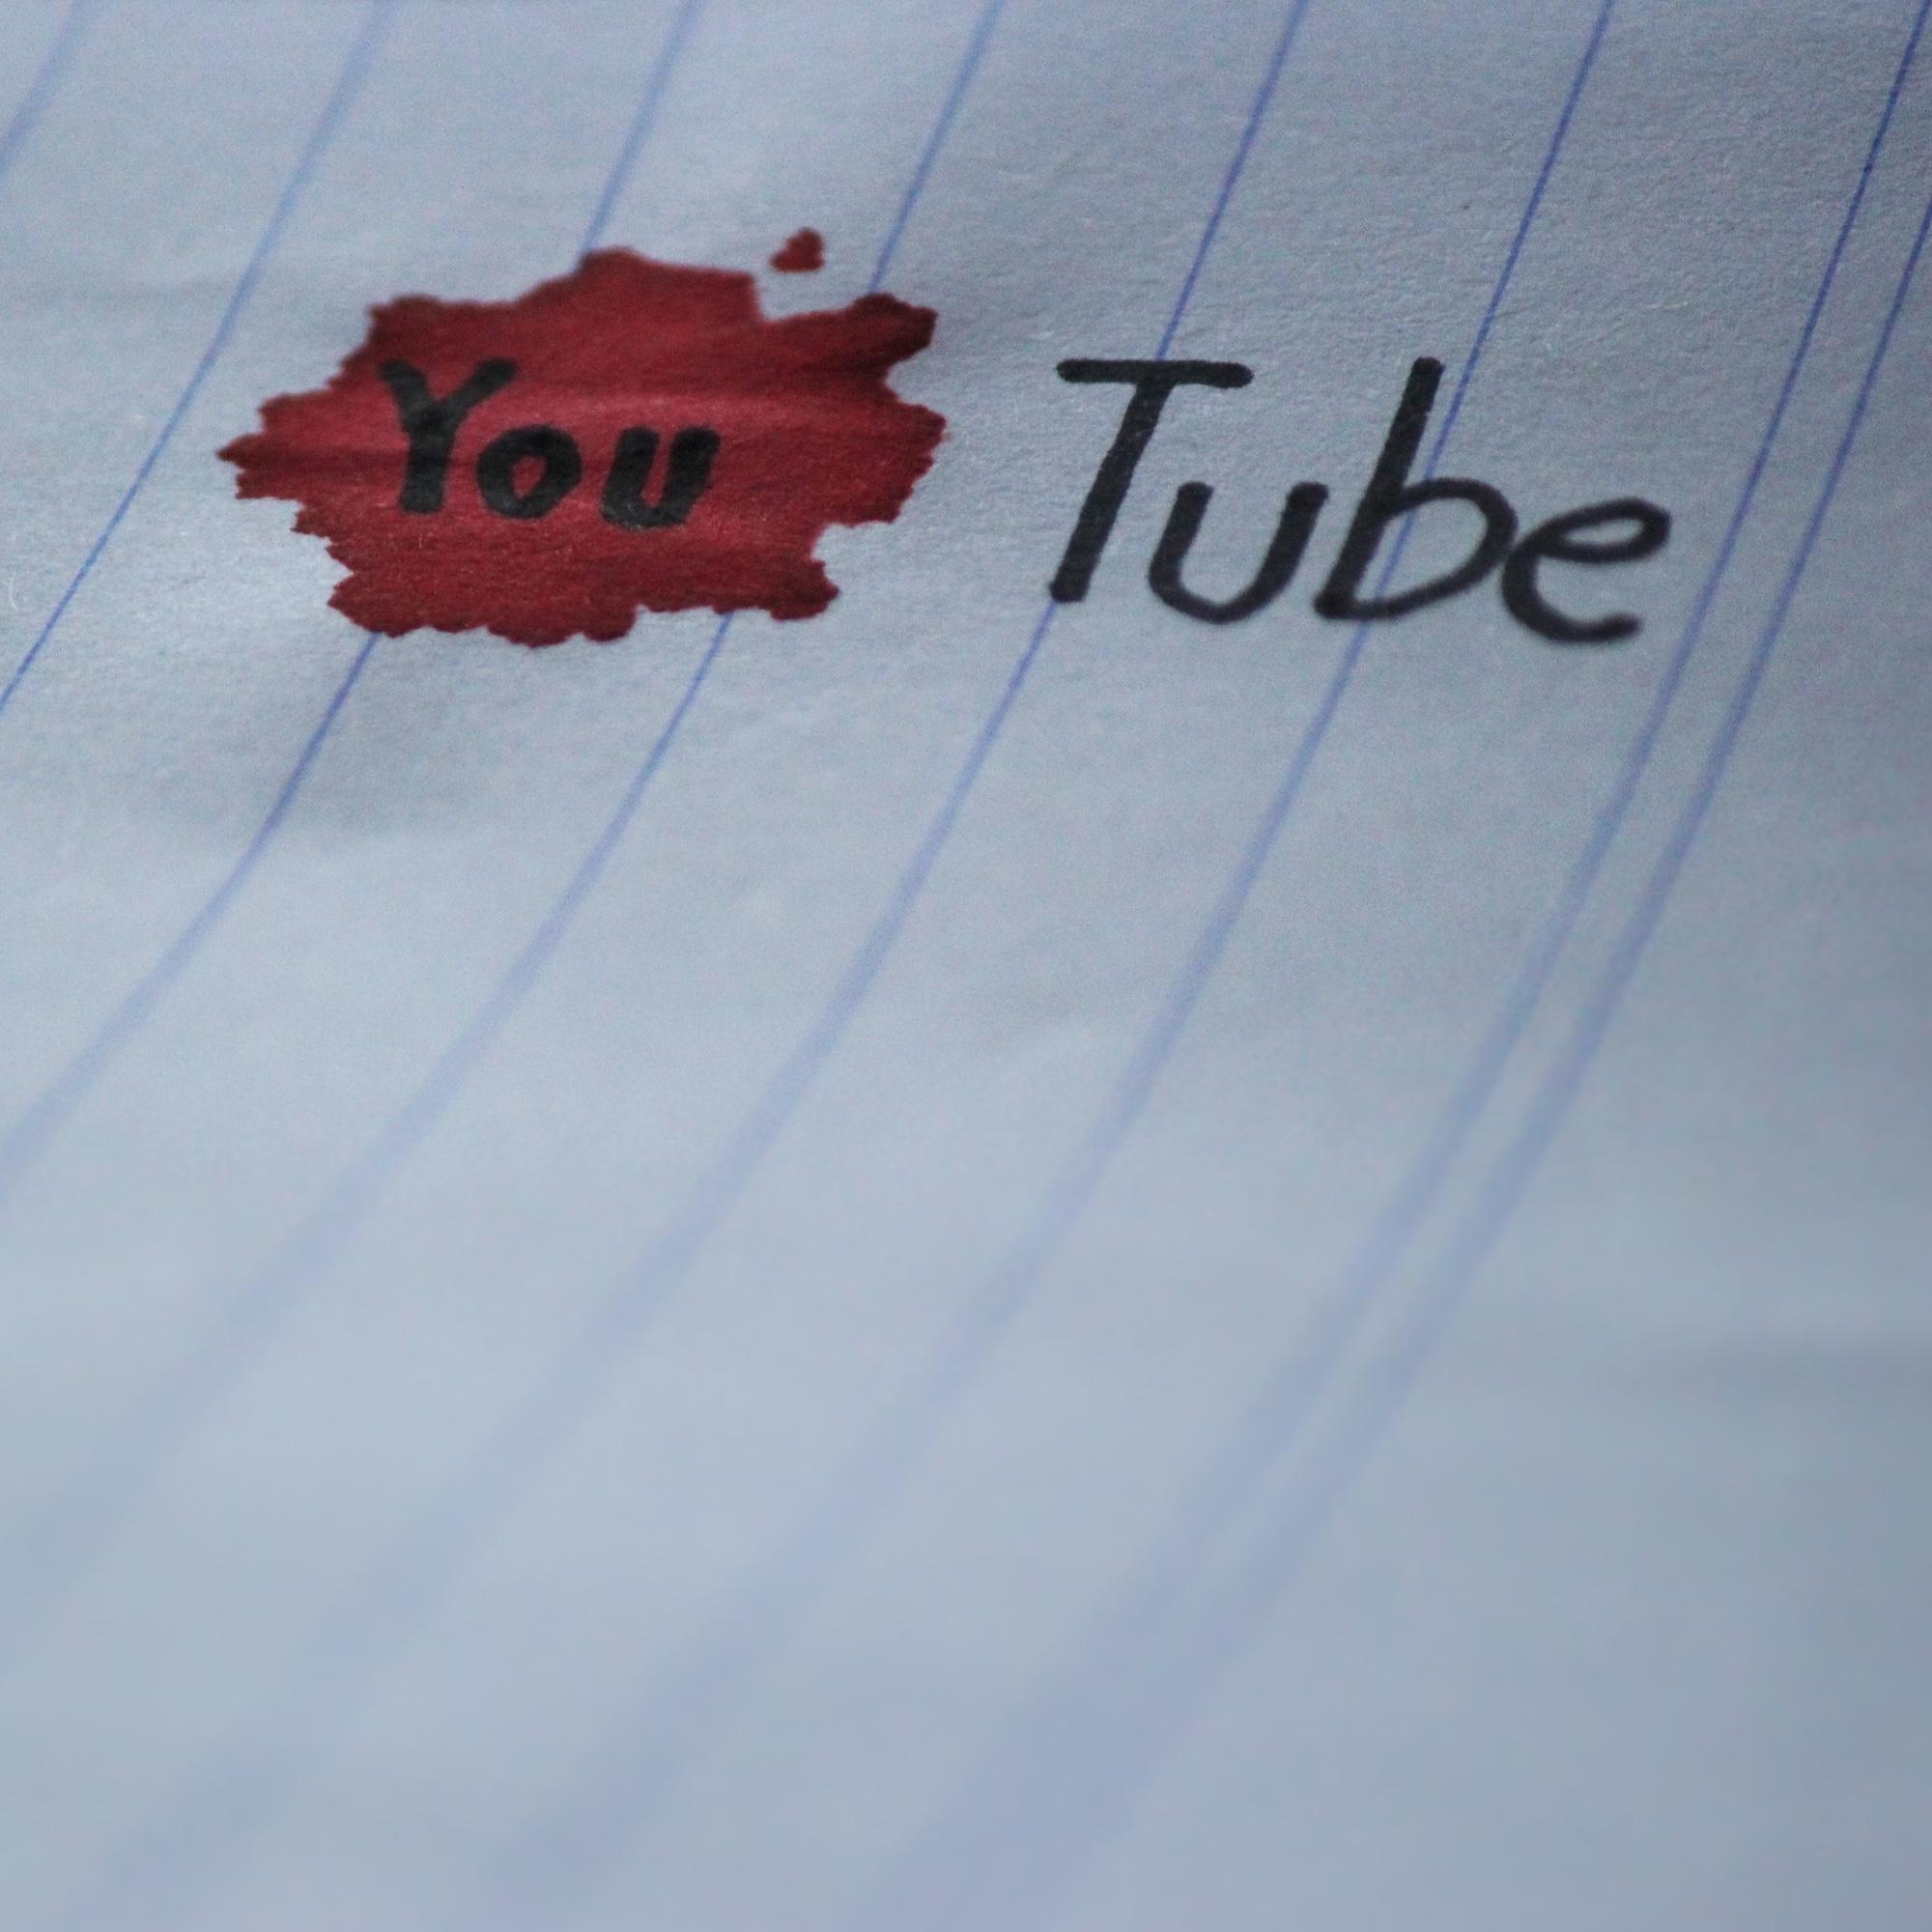 Foto: YouTube-Logo mit Tinte auf Papier gezeichnet